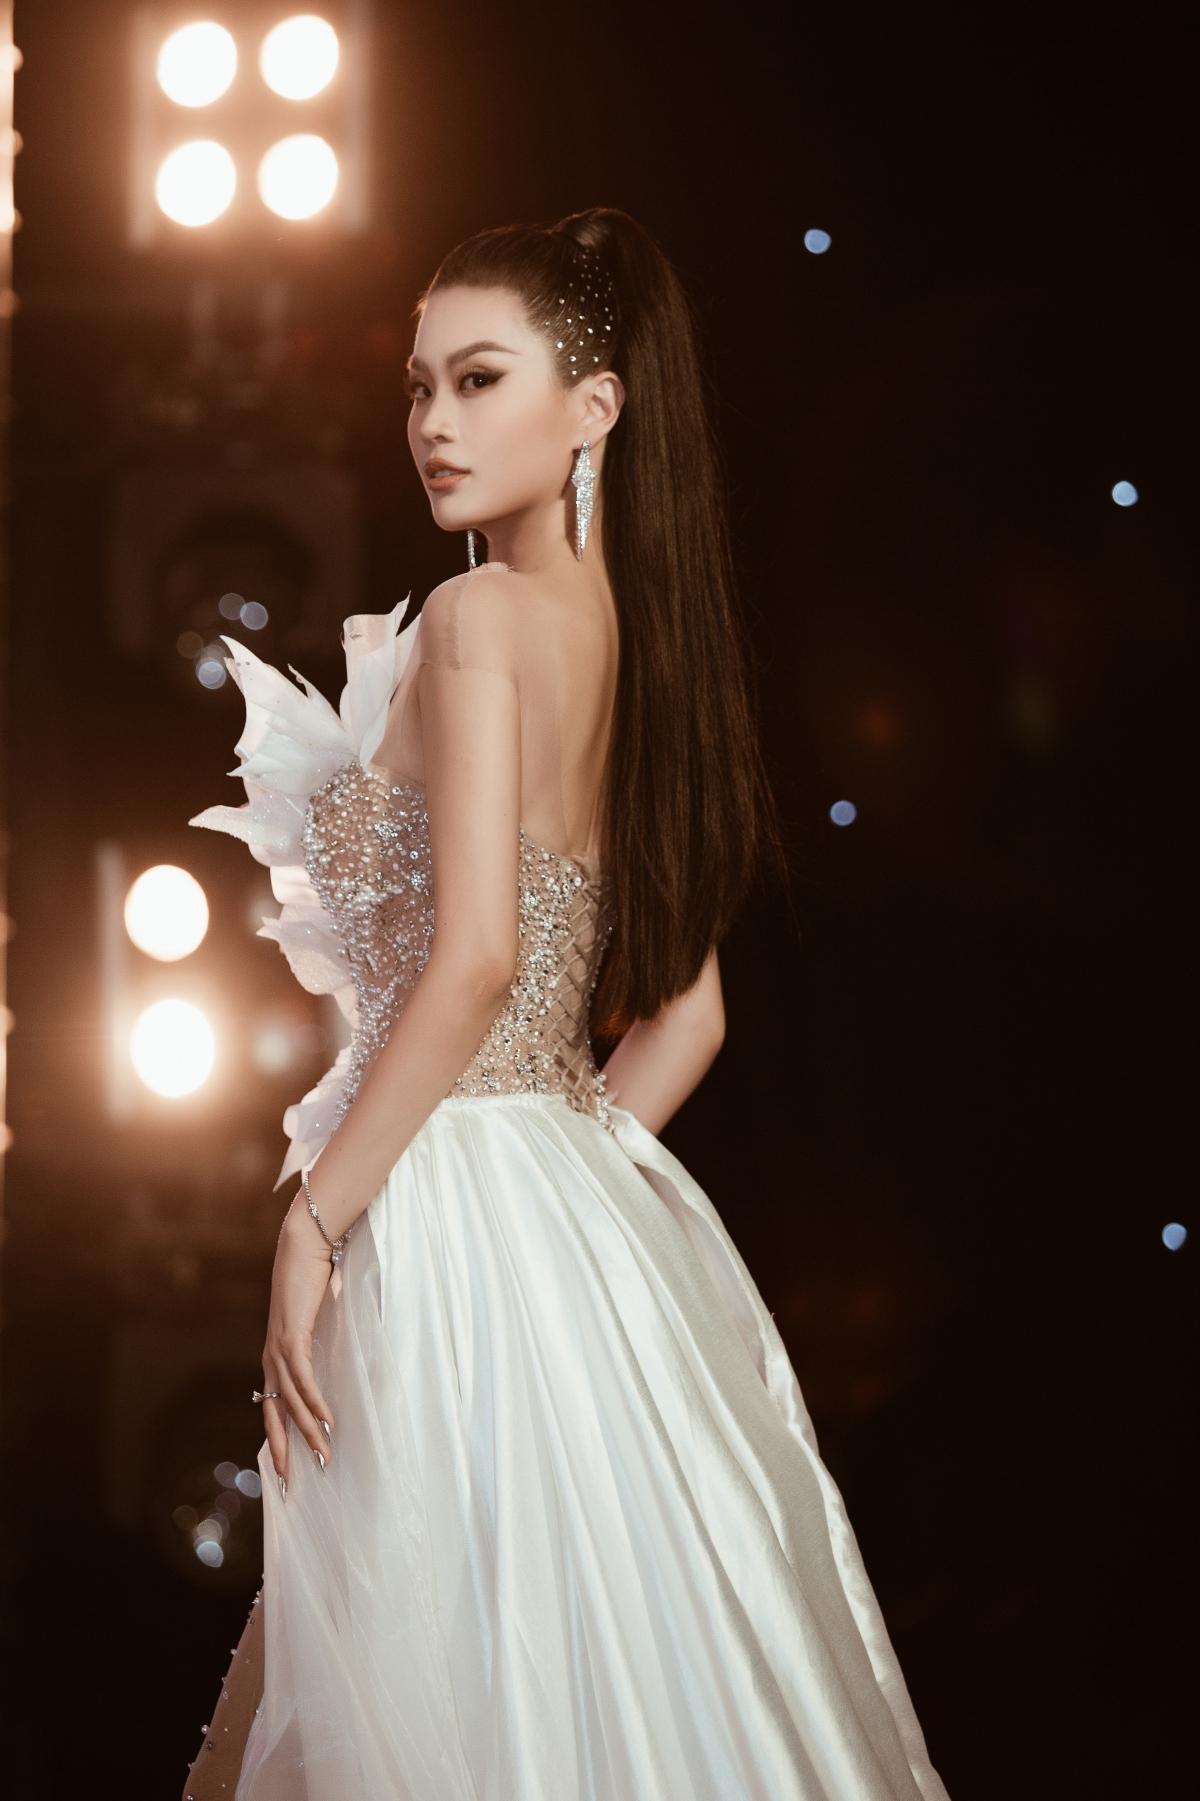 Là gái một con nhưng Diễm Trang vẫn sở hữu vẻ đẹp miễn chê, sẵn sàng lu mờ mọi thứ xung quanh.